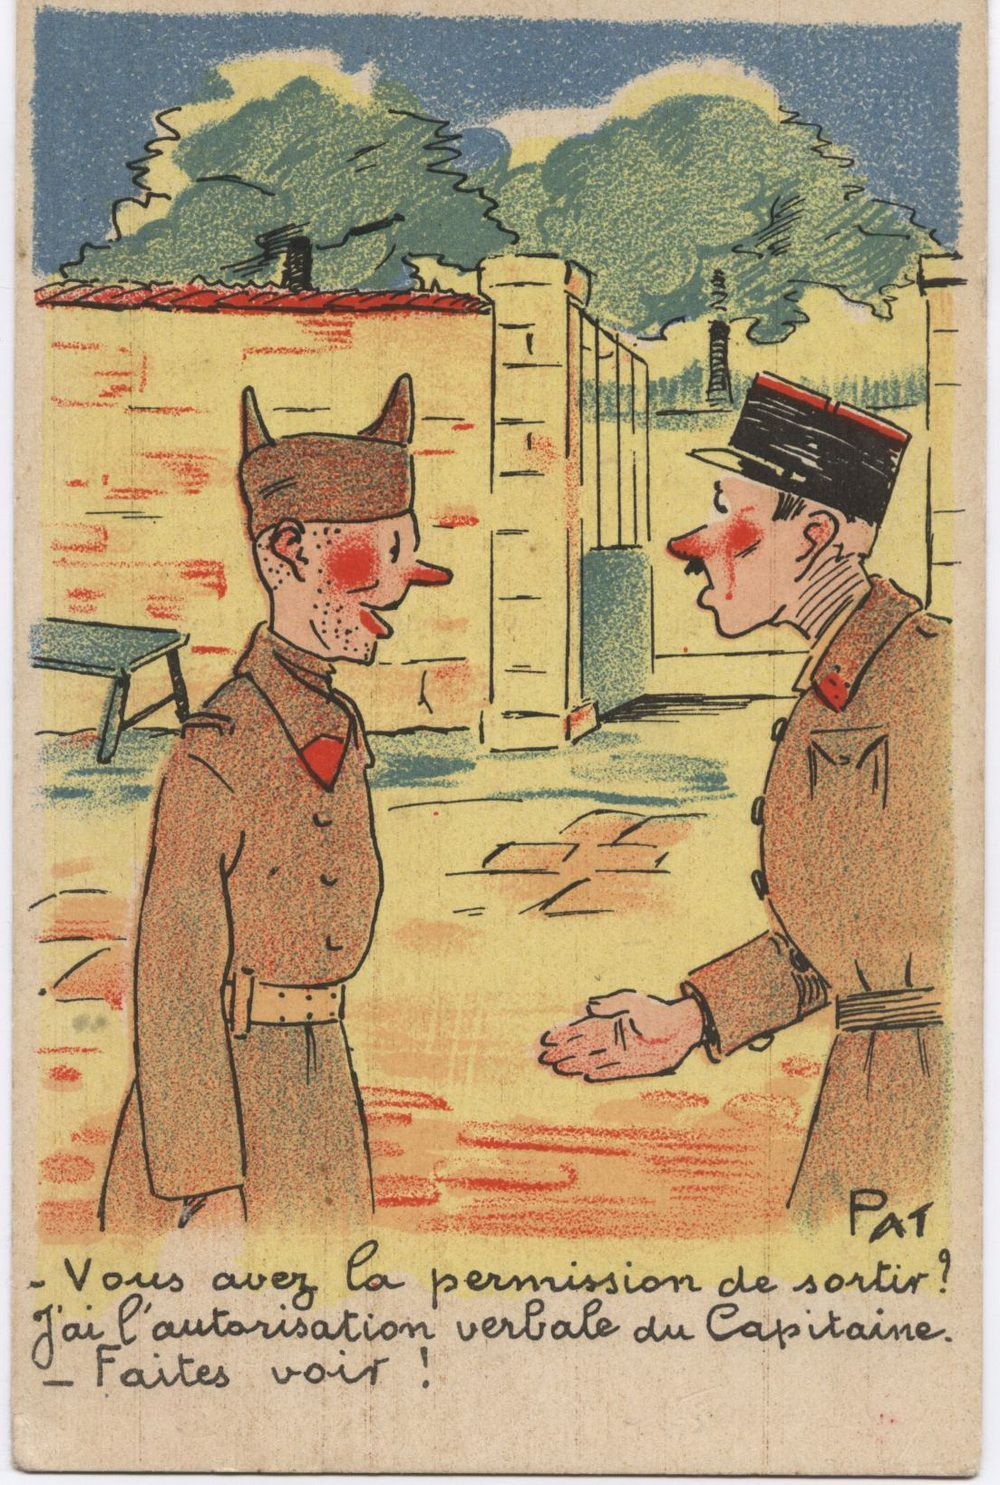 Image du Blog museevirtuelmilitaire.centerblog.net